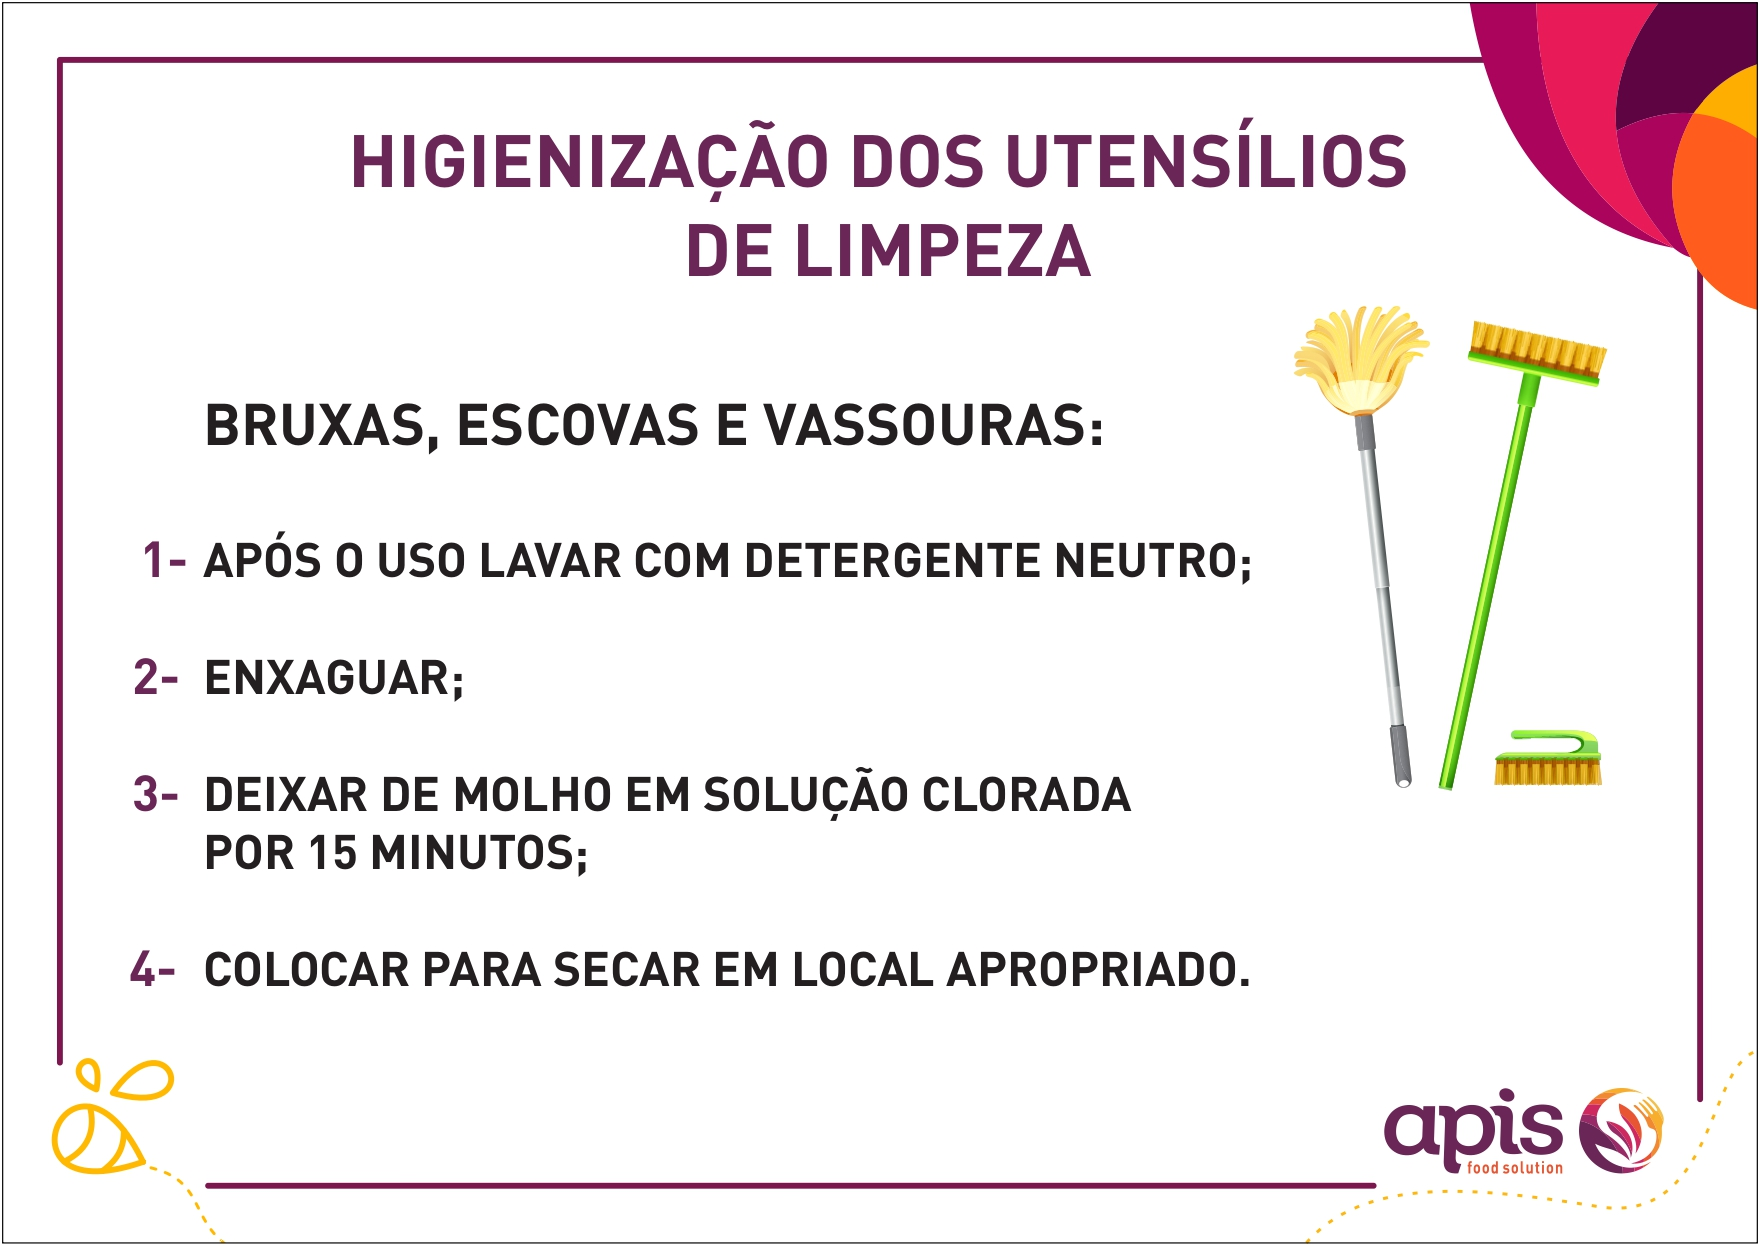 Higienização dos utensílios de limpeza (VERSÃO 2)